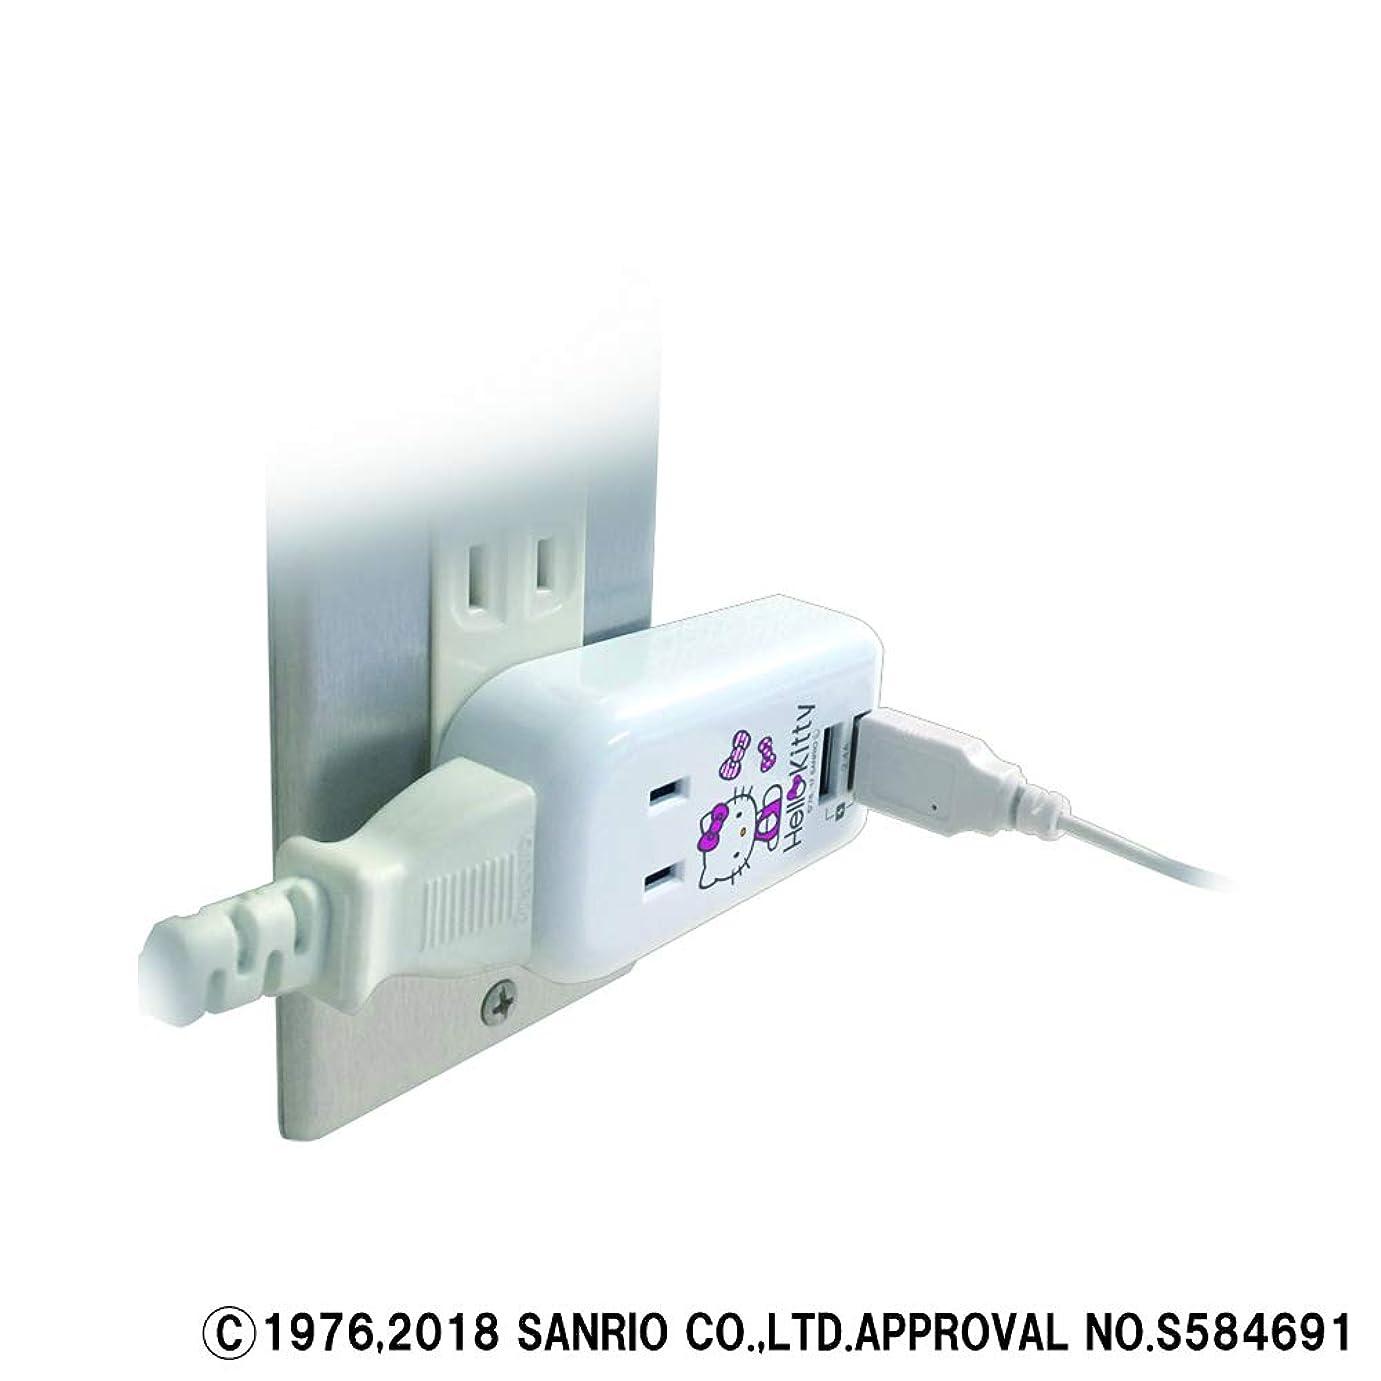 インキュバス富豪シャベルカシムラ 旅行用品?旅行小物 ホワイト 7x18x4.5(cm) AC充電器コンセント 2.4A IC USB2P AC2P NTK-29